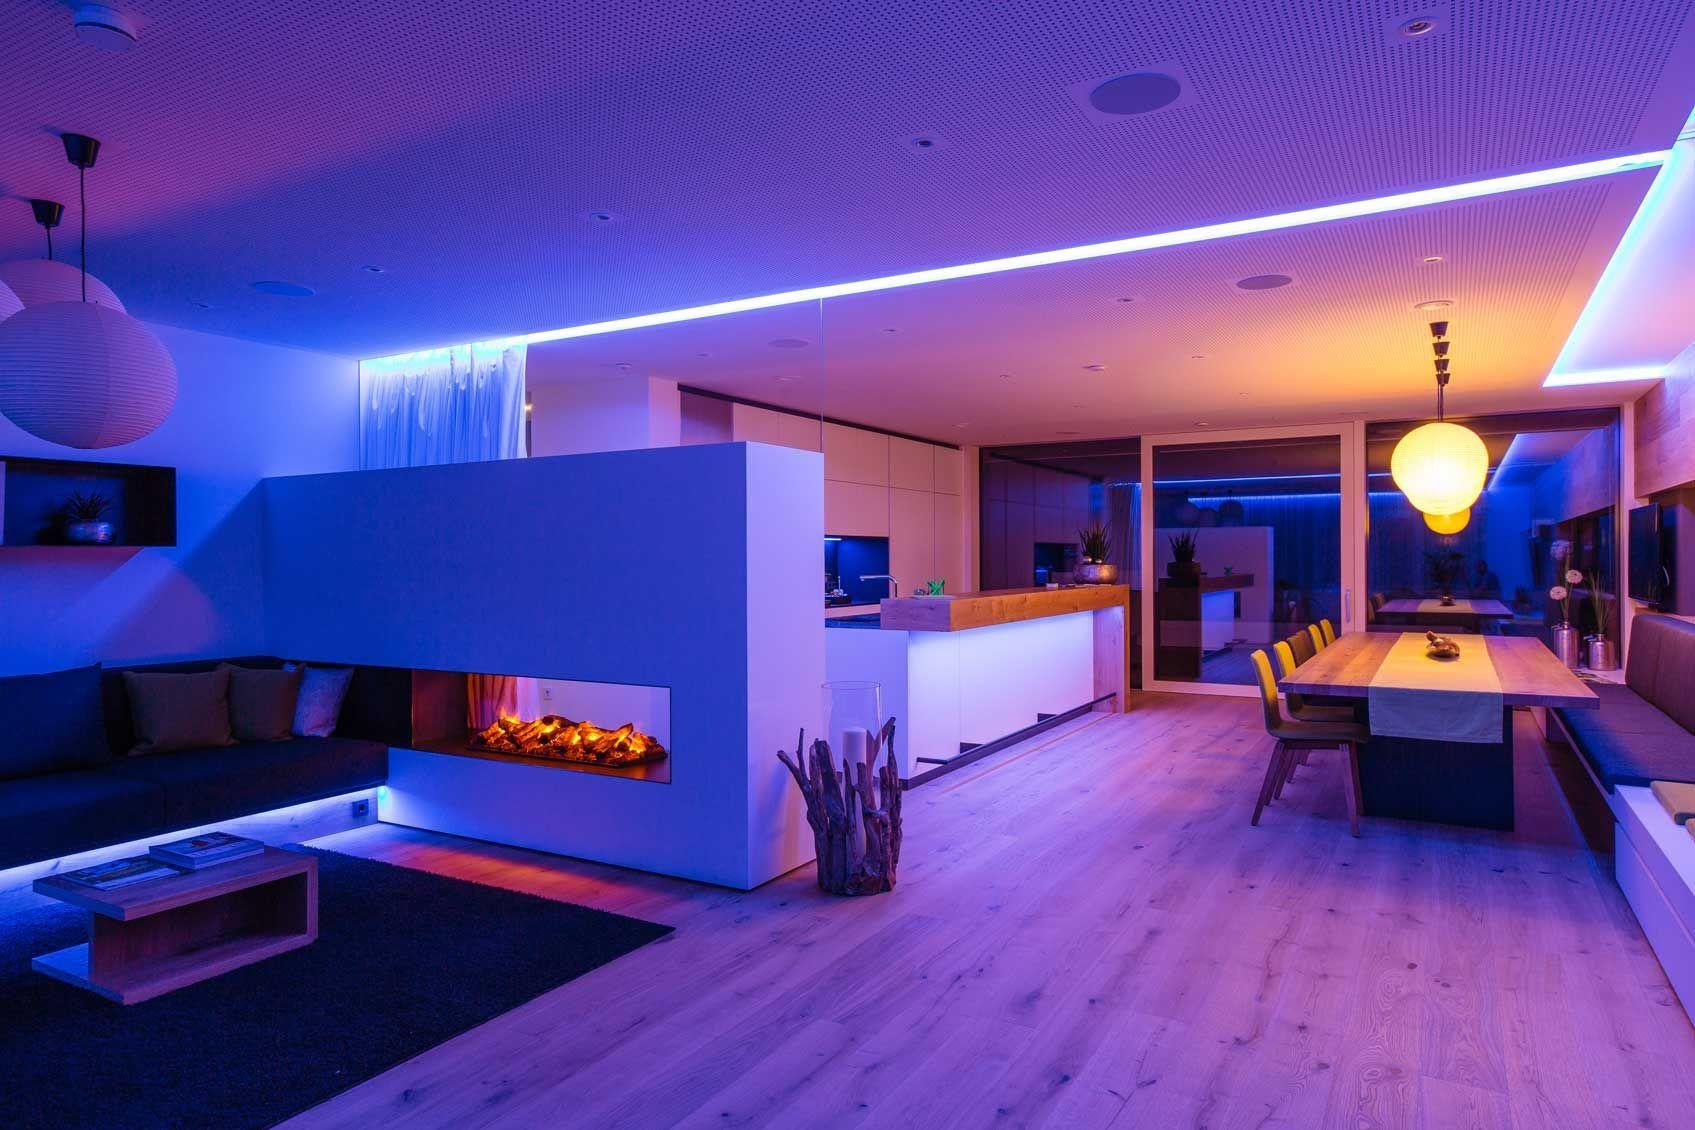 Eclairage Cuisine Led Plafond ambient lighting | decoration salon, led plafond